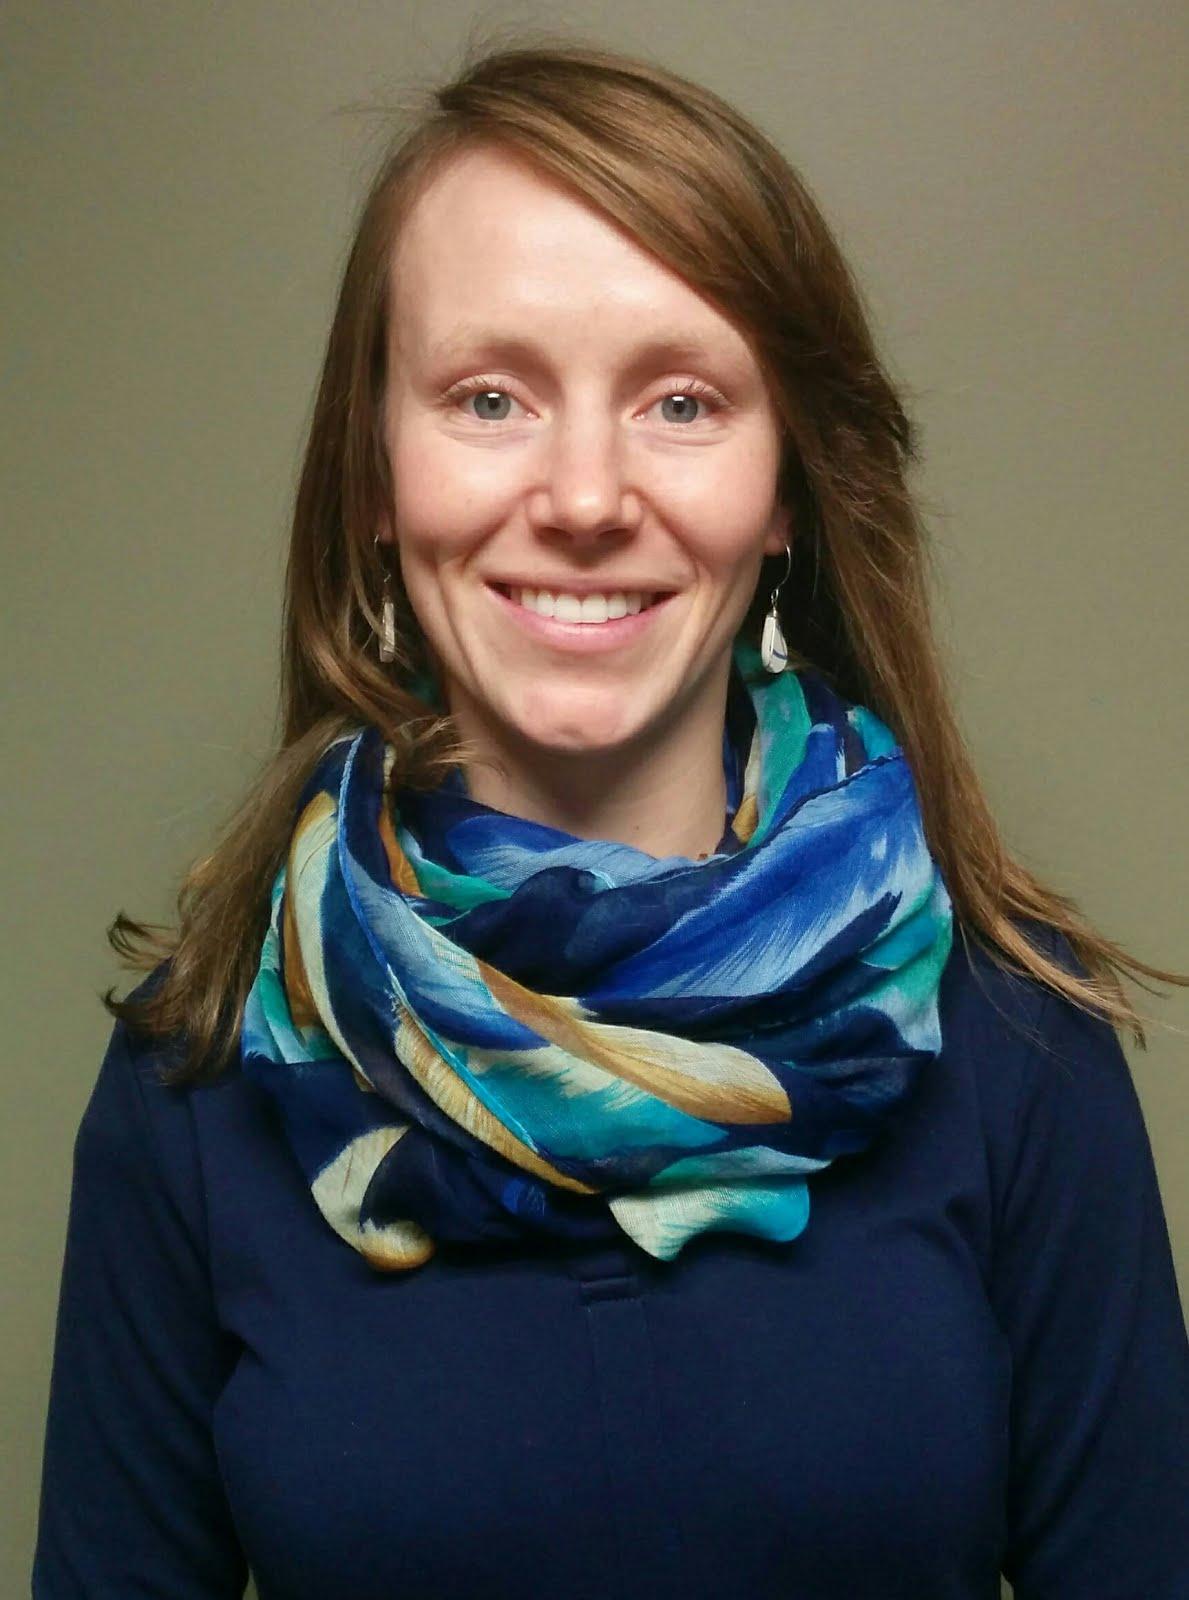 Megan Shewfelt